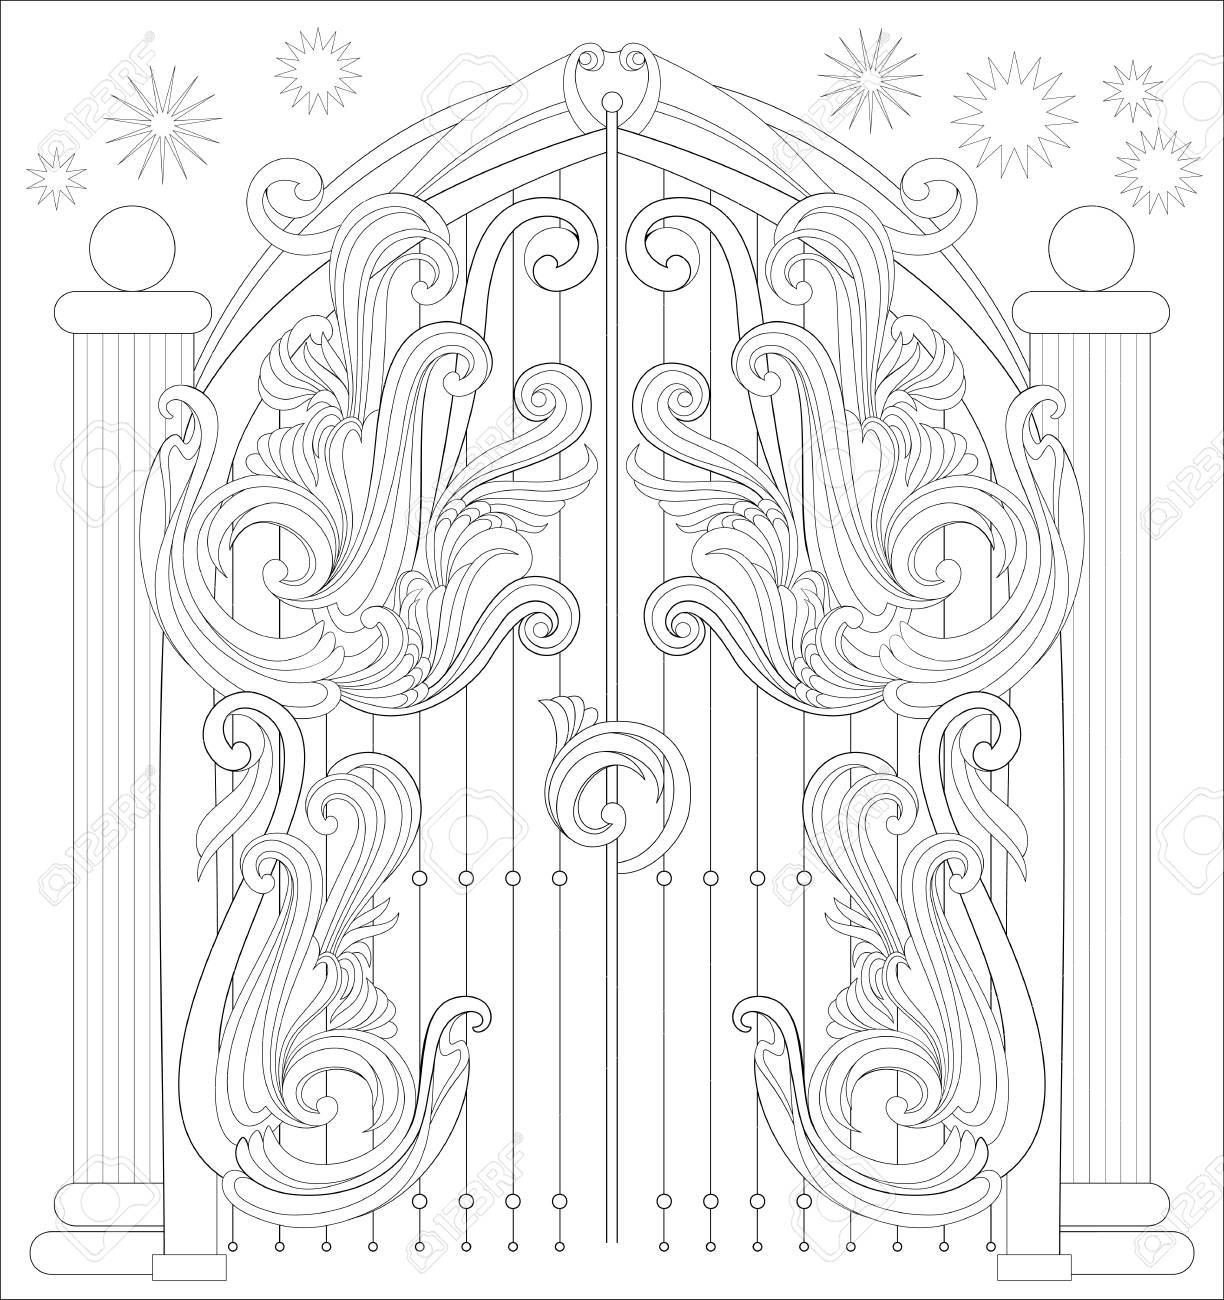 Página En Blanco Y Negro Para Colorear Fantástico Dibujo De Puerta De Un Cuento De Hadas Hoja De Trabajo Para Niños Y Adultos Imagen Vectorial